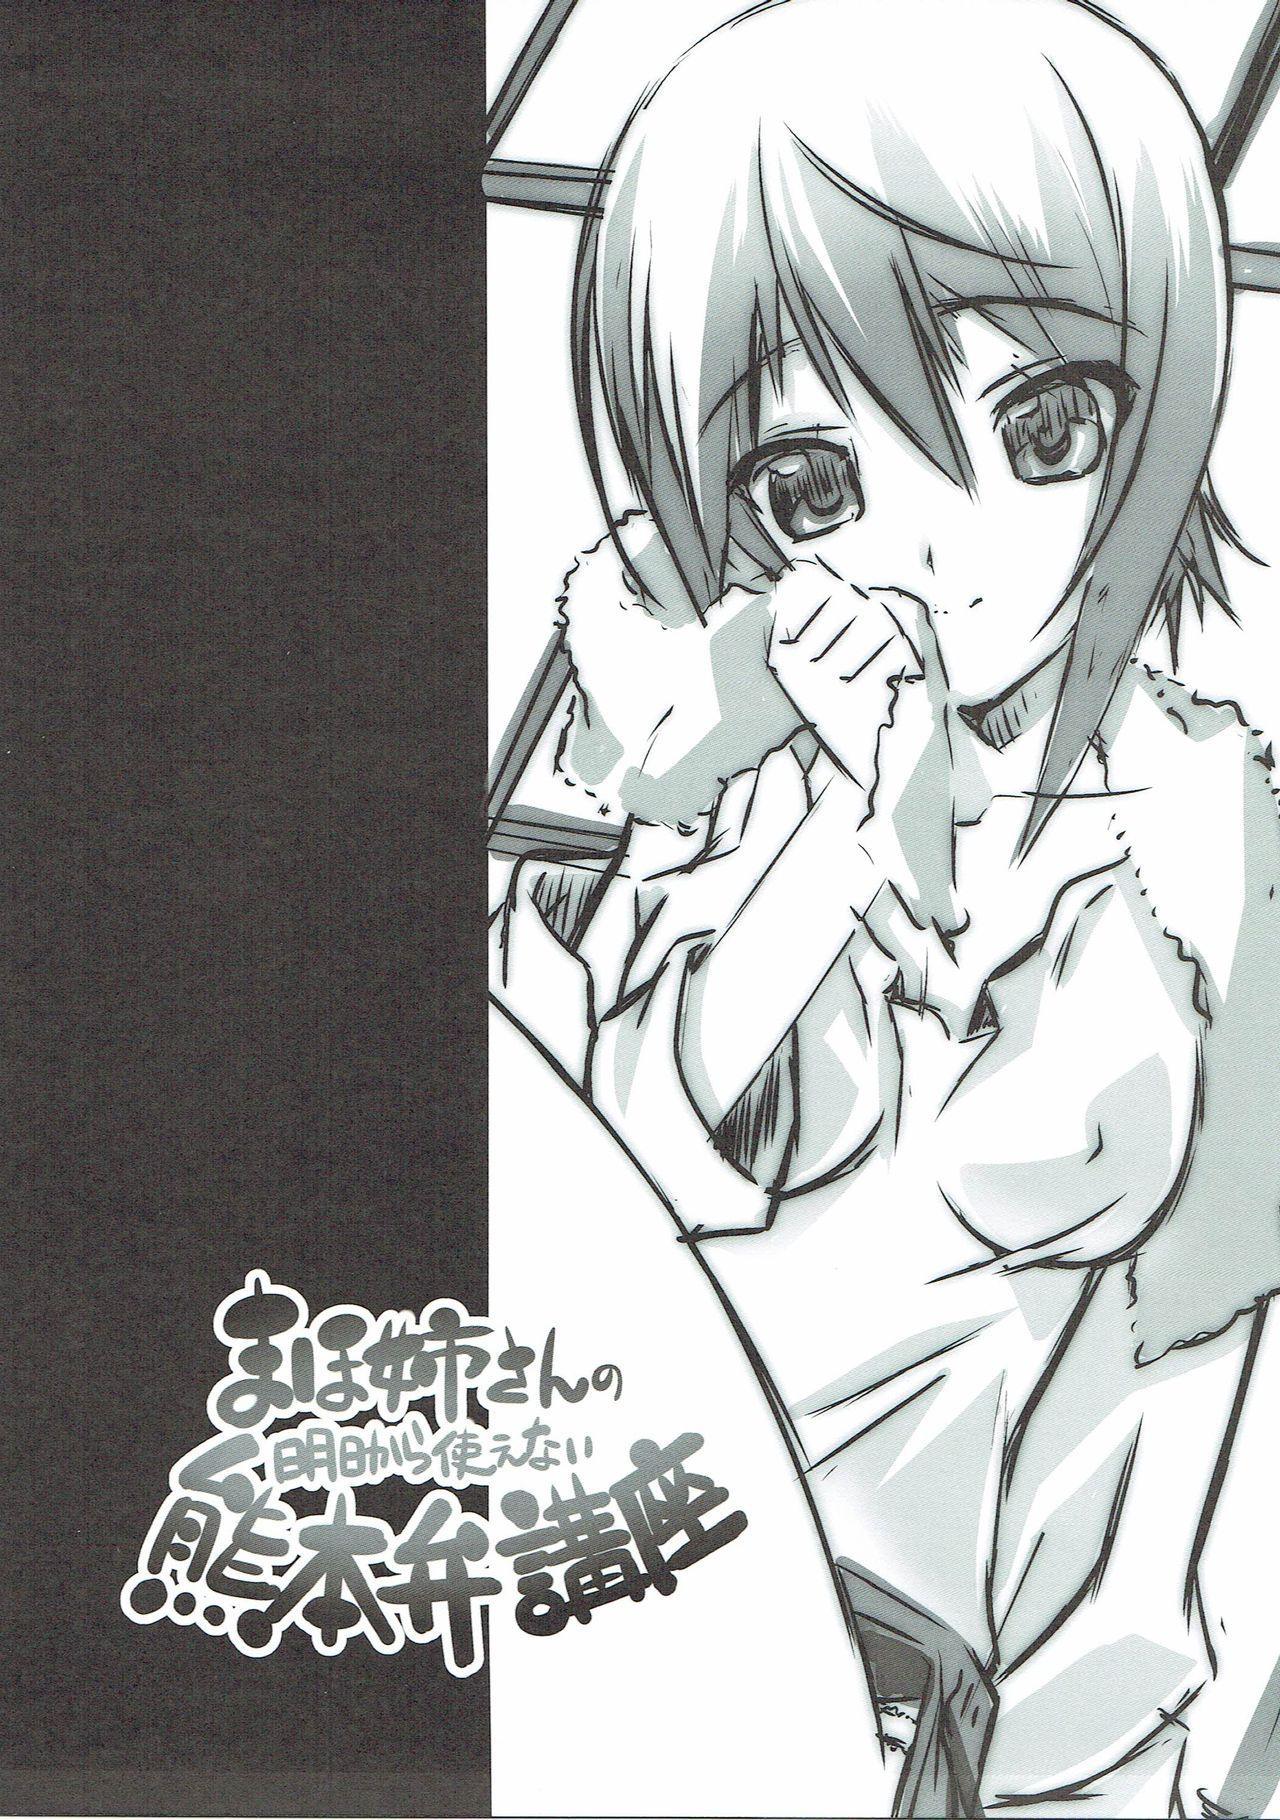 (C90) [Million Bank (Senomoto Hisashi)] Maho Nee-san no Ashita kara Tsukaenai Kumamoto-Ben Kouza (Girls und Panzer) 1